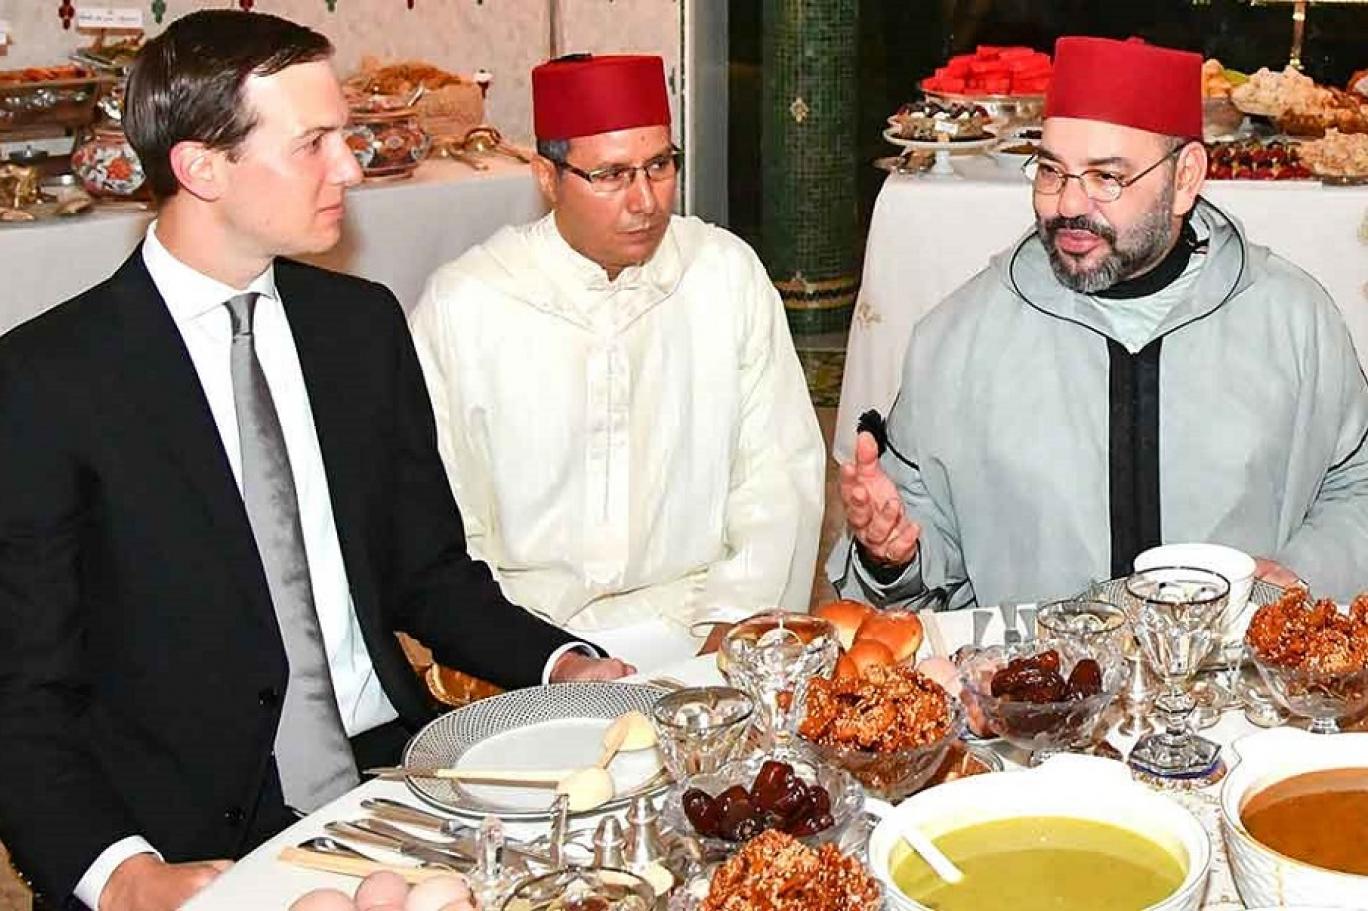 لغط حول ملف التطبيع يسبق زيارة جاريد كوشنر إلى المغرب   اندبندنت عربية